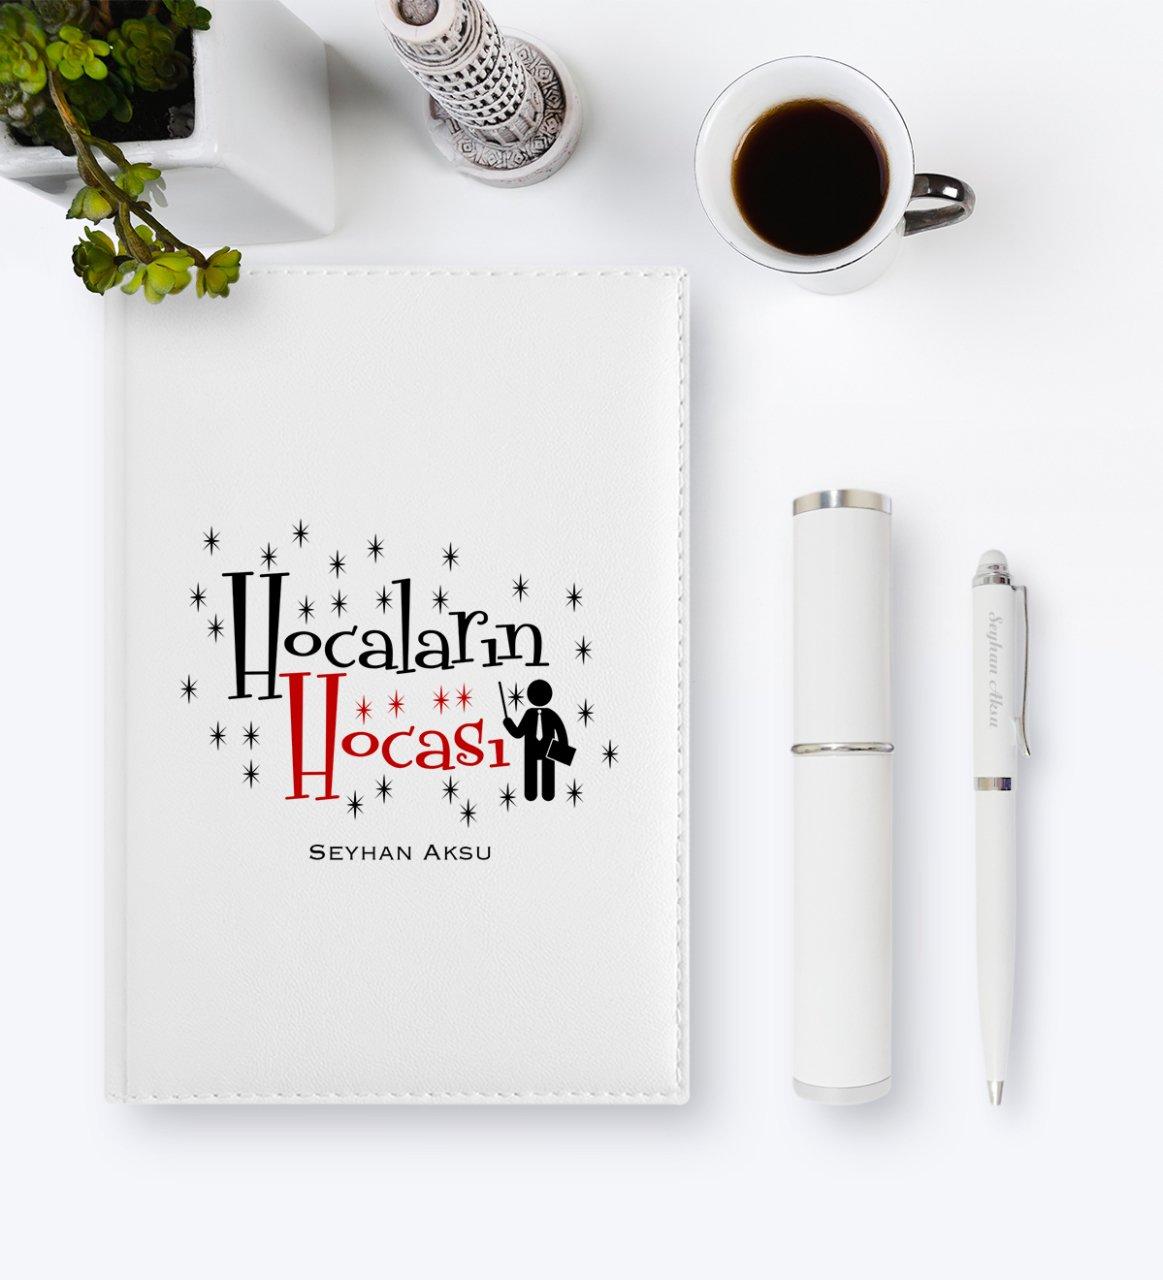 Personalized Hocaların Mentor 2020 Leather Organizer & Pen Gift Set-1